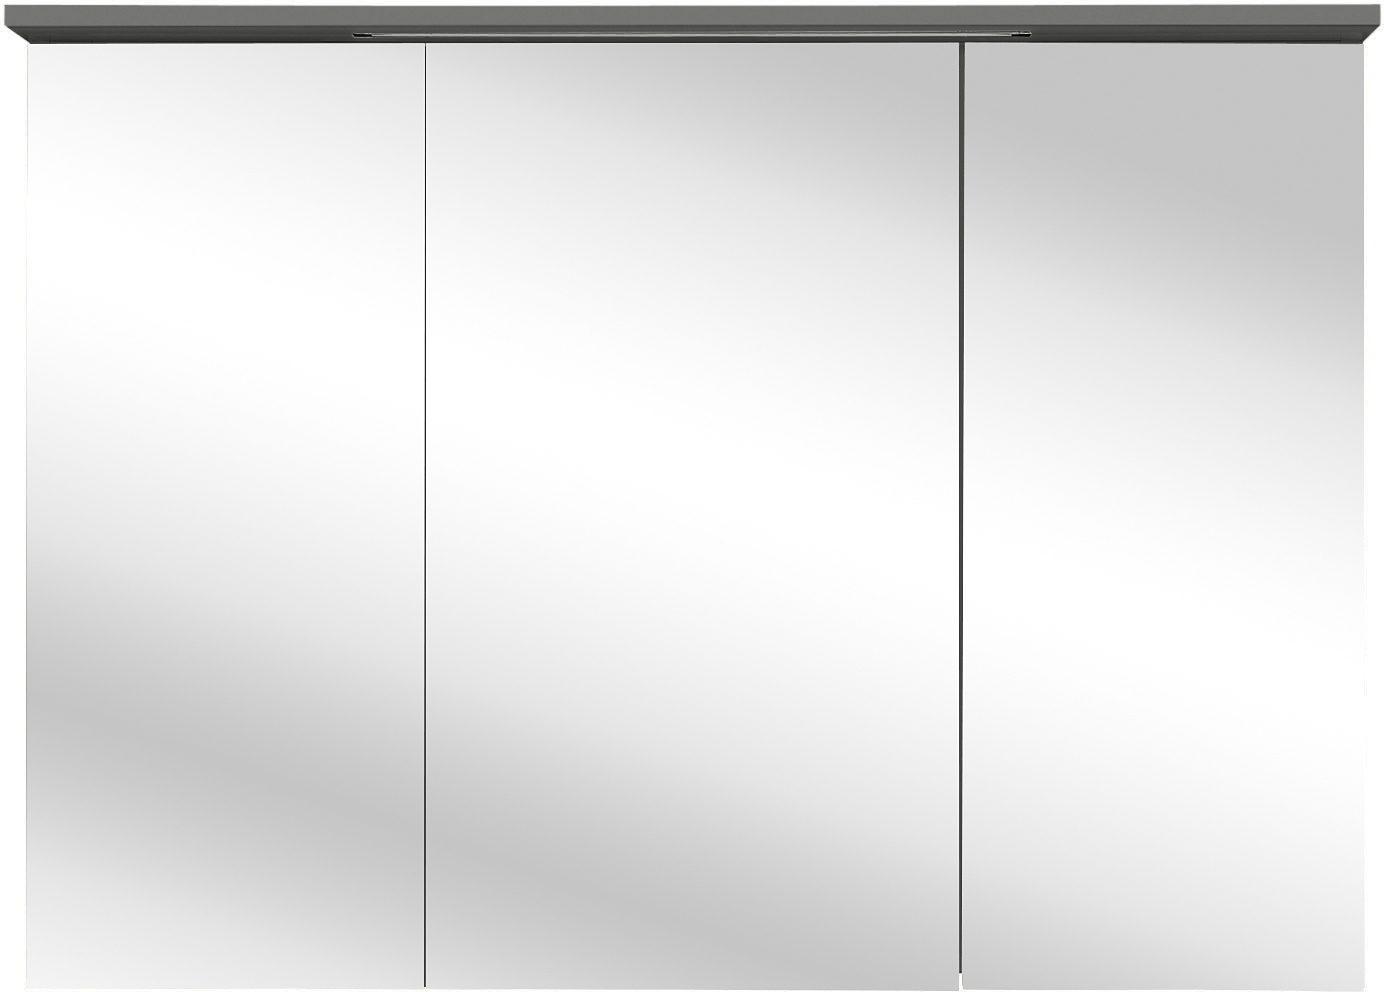 Großartig Badmöbel 20 cm tief online kaufen | OTTO RD22